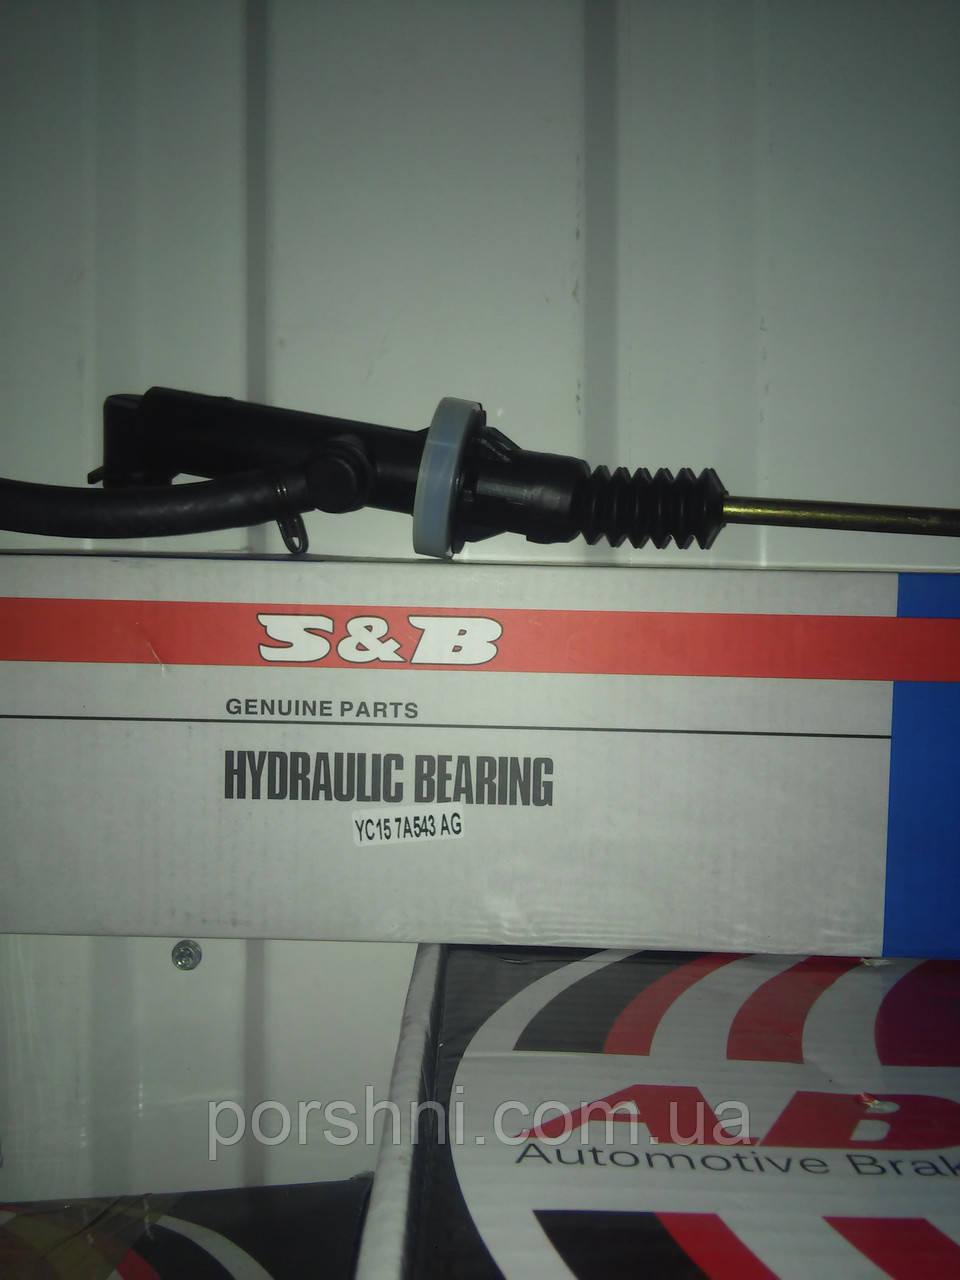 Главный  цилиндр сцепления Ford  Тransit  2.4  2001 -- мет шток  S&B  YC157A543AG